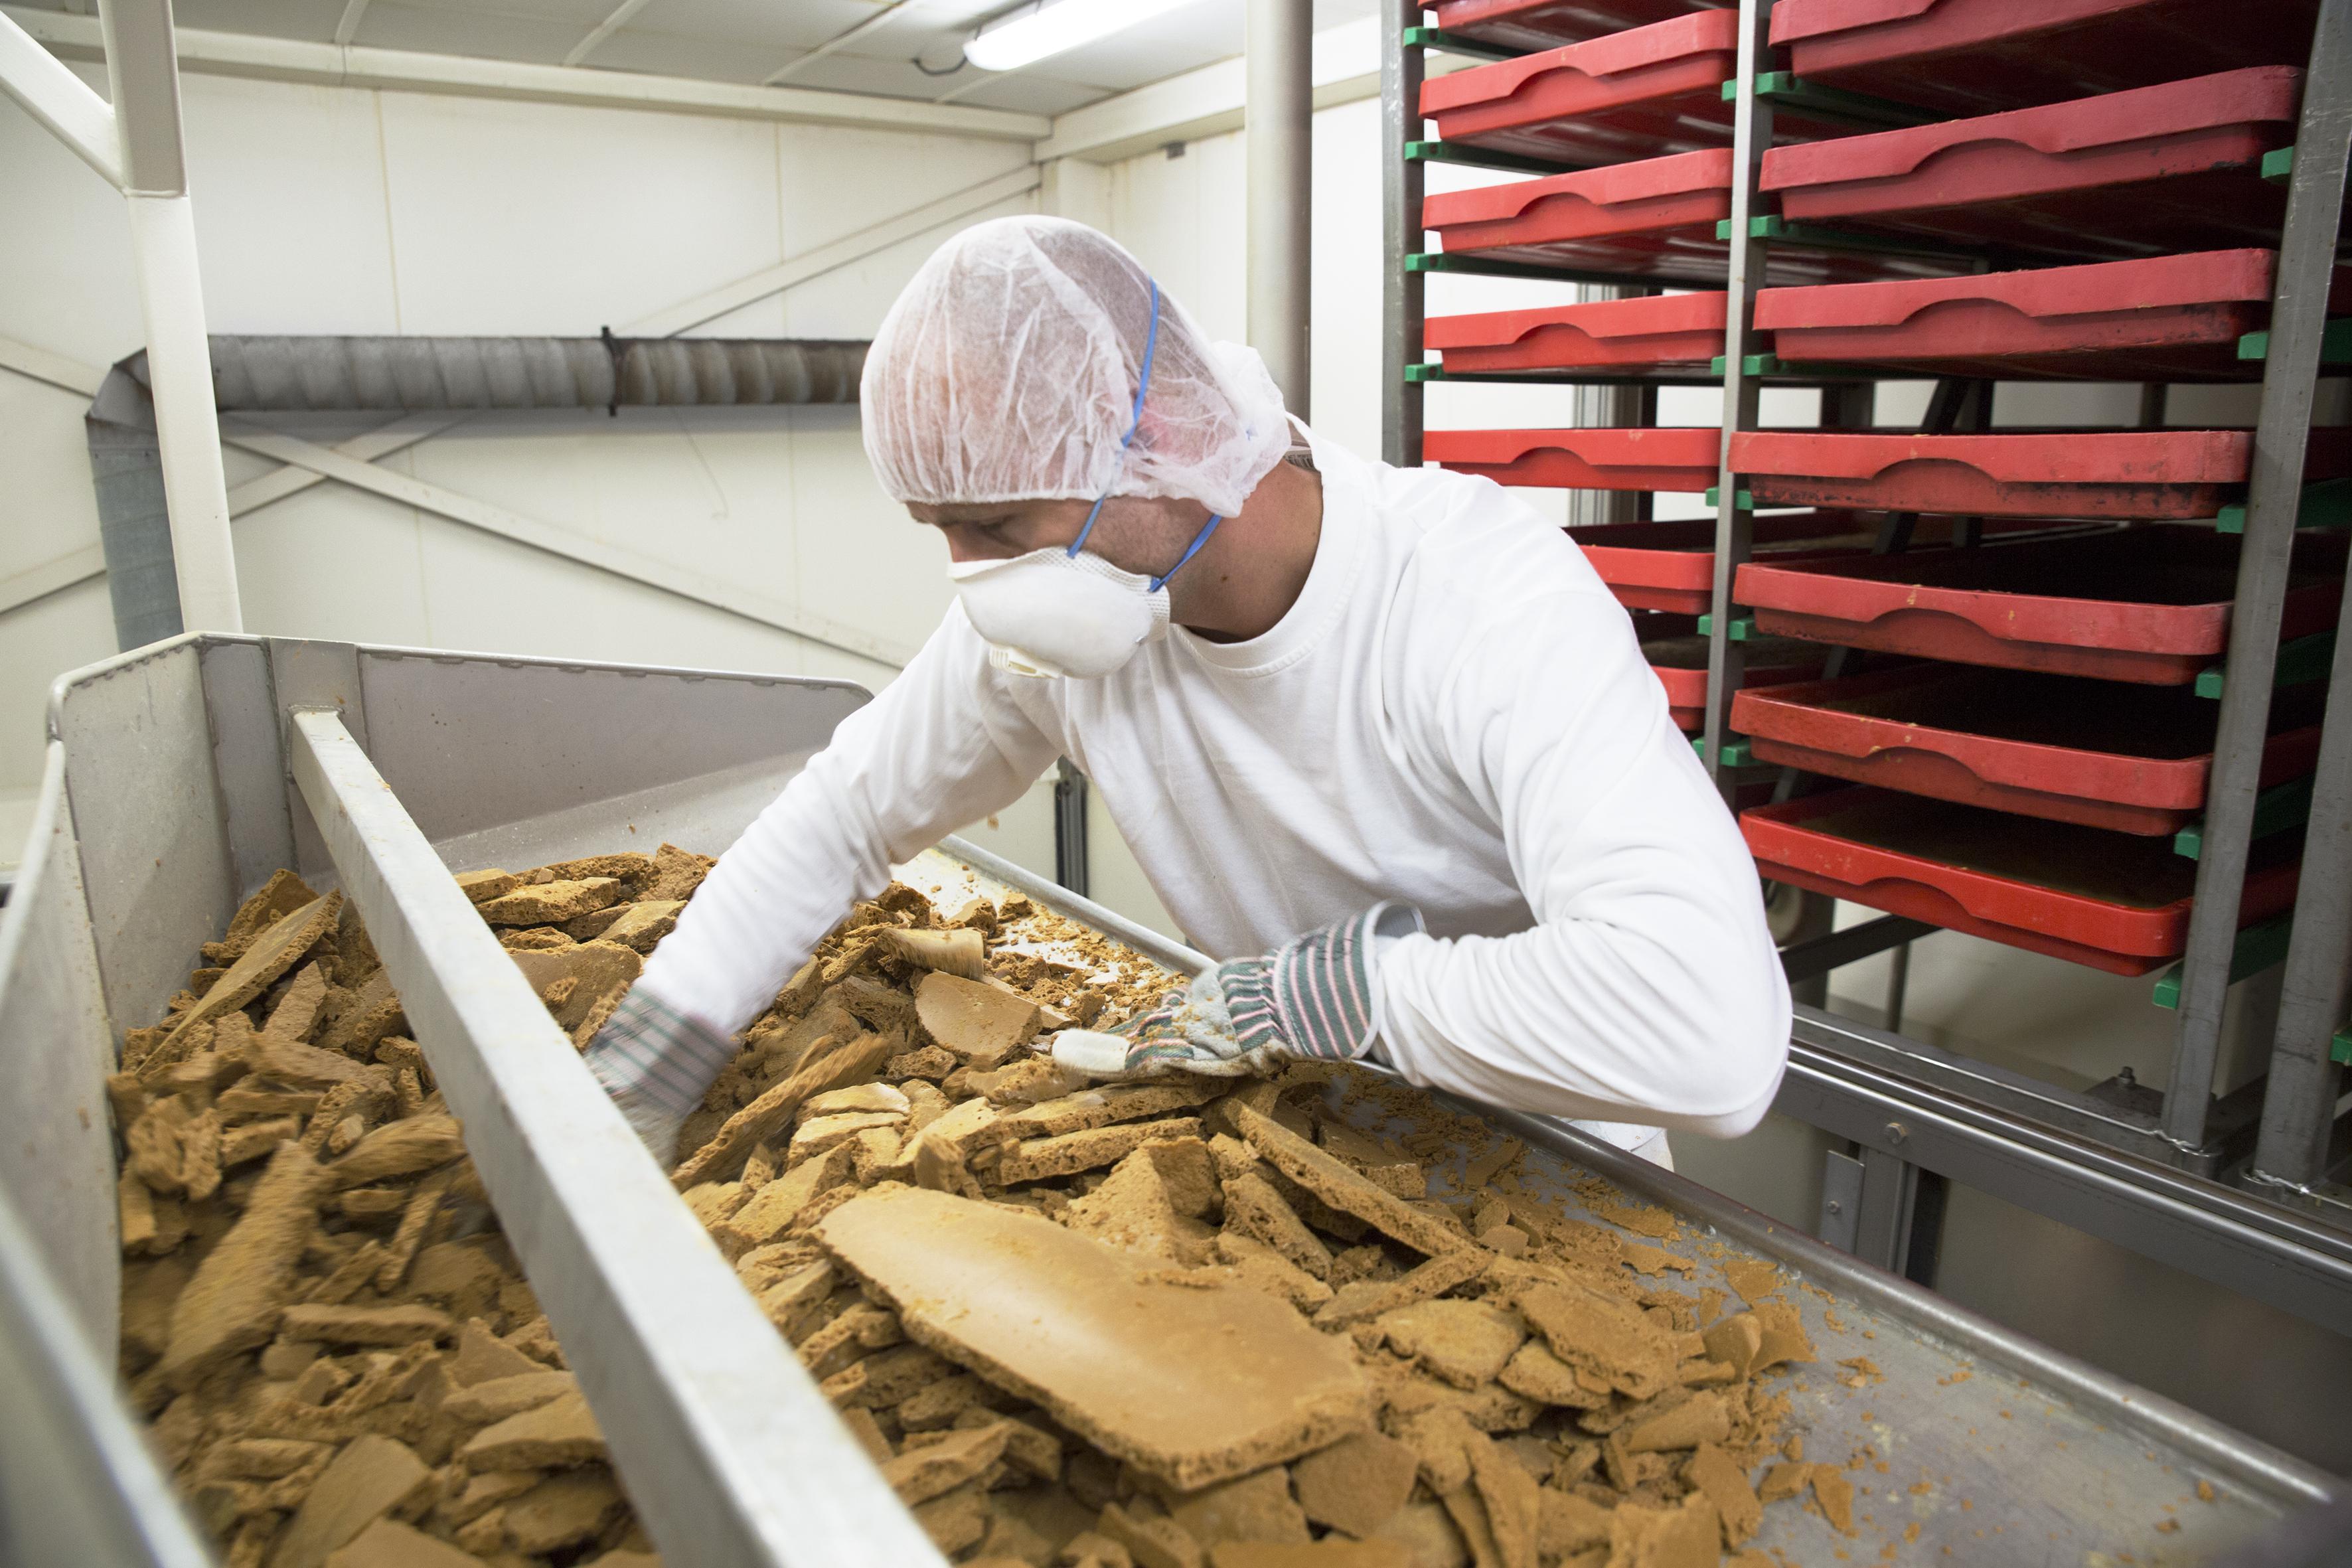 Vleessmaak zonder een dier te doden: Exter in Zaandam is wereldleider in vegansector. 'Wanneer je maïs kookt en het mengt met ingrediënten, krijg je de smaak van kip'